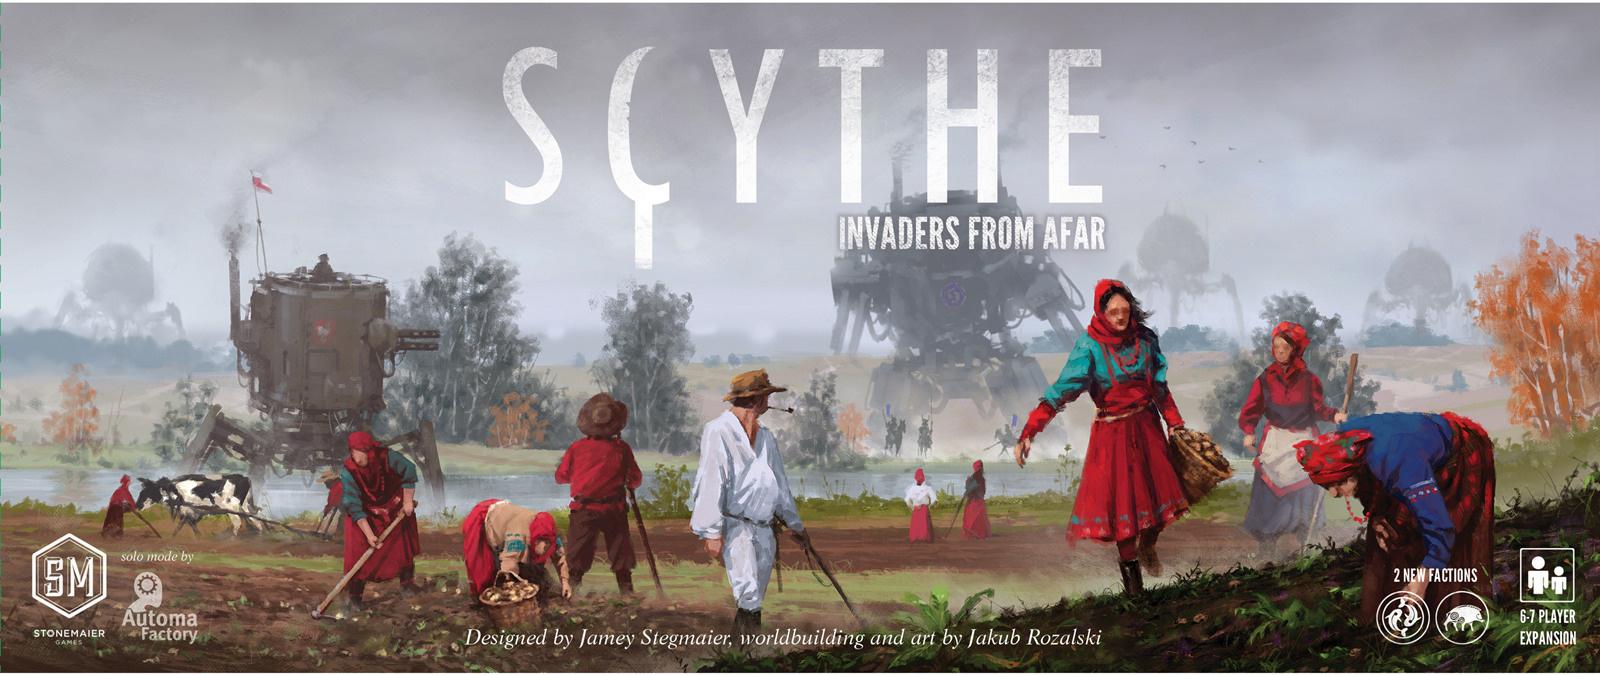 《戰鐮Scythe》:一部有關鋼鐵與收割的桌上架空史詩